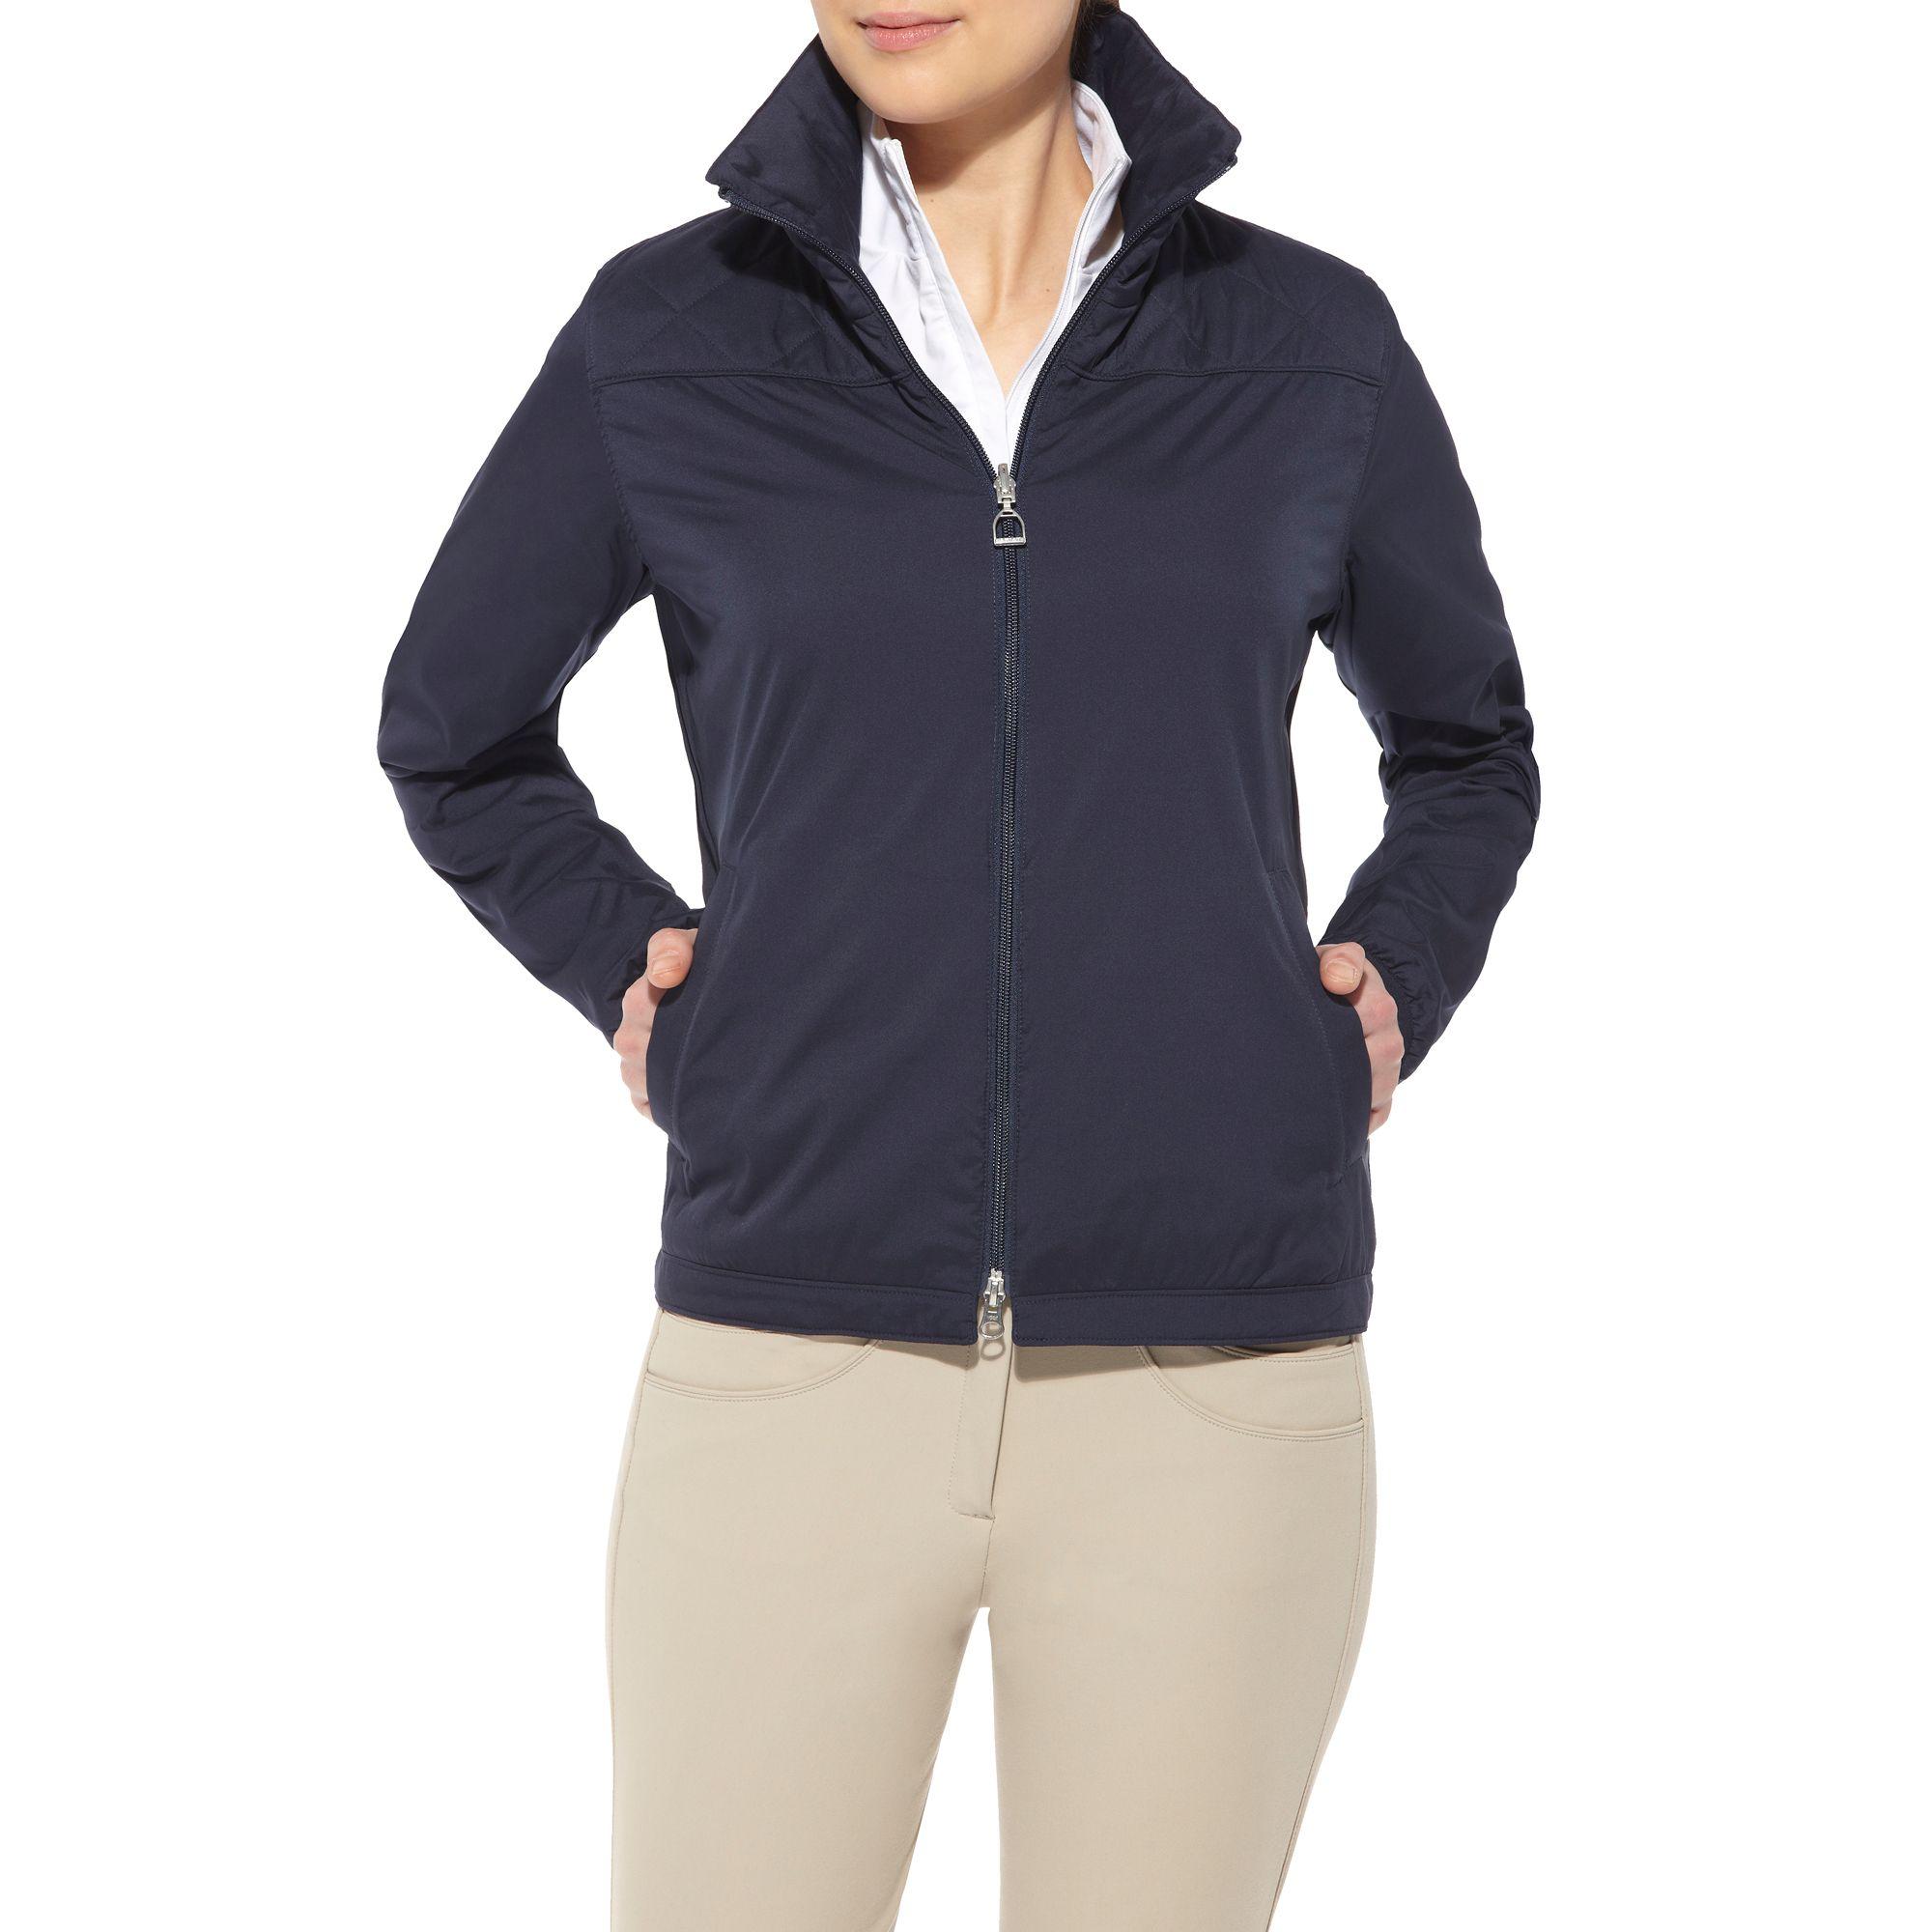 Ariat Cyprus Fleece Jacket - Ladies